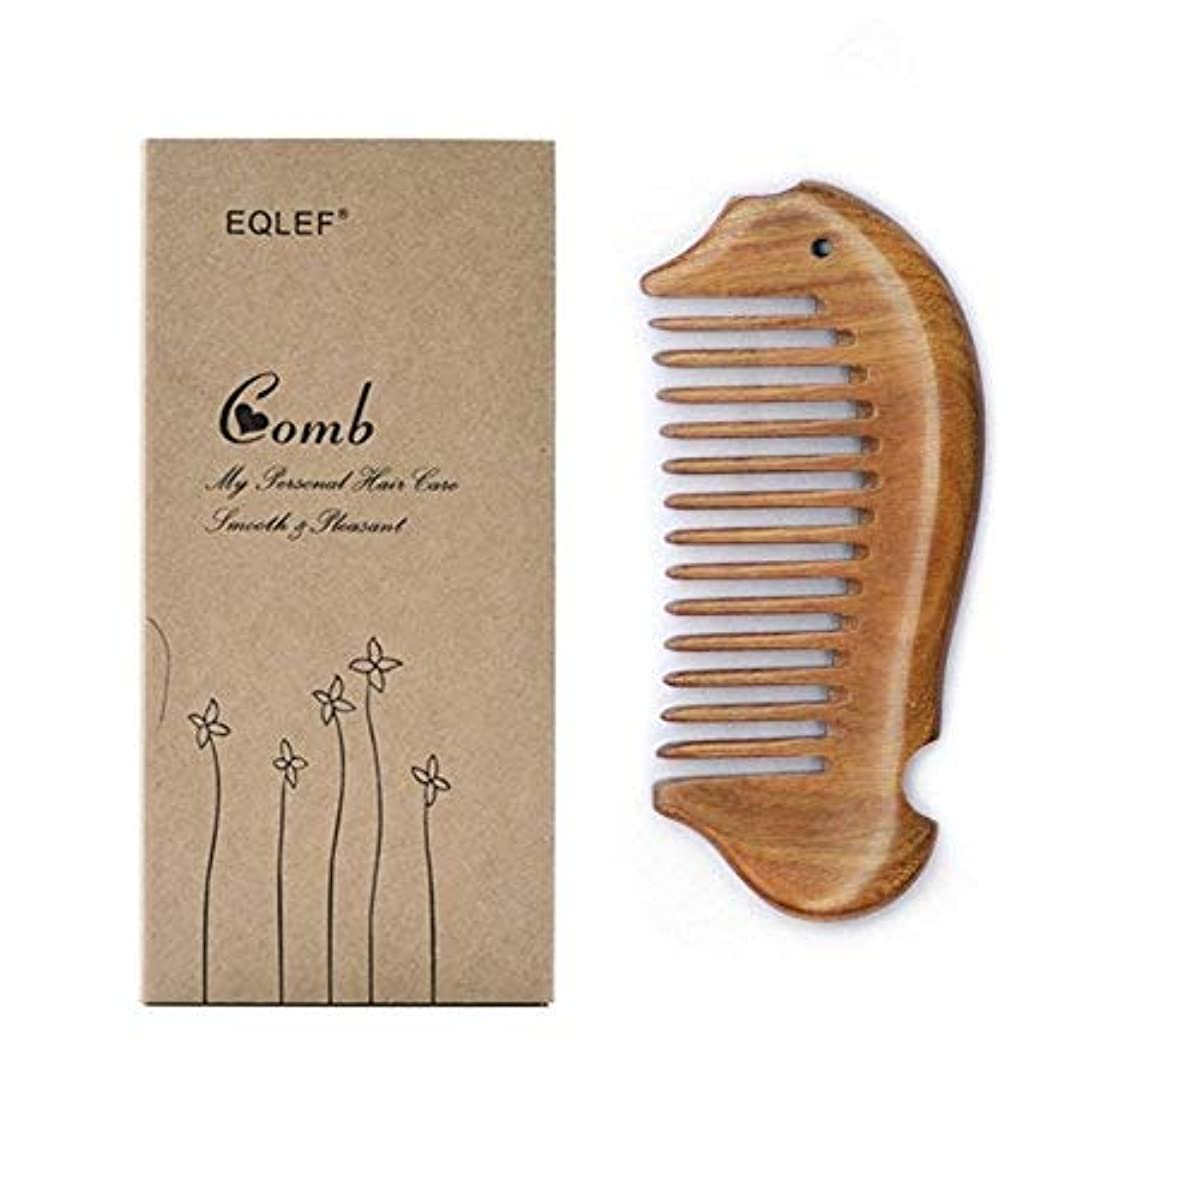 ラテン宣教師噂EQLEF? Fish shape Beard Comb Wooden Comb wide Tooth Green Sandalwood Pocket Comb Small Hair Comb Hair Brush [並行輸入品]